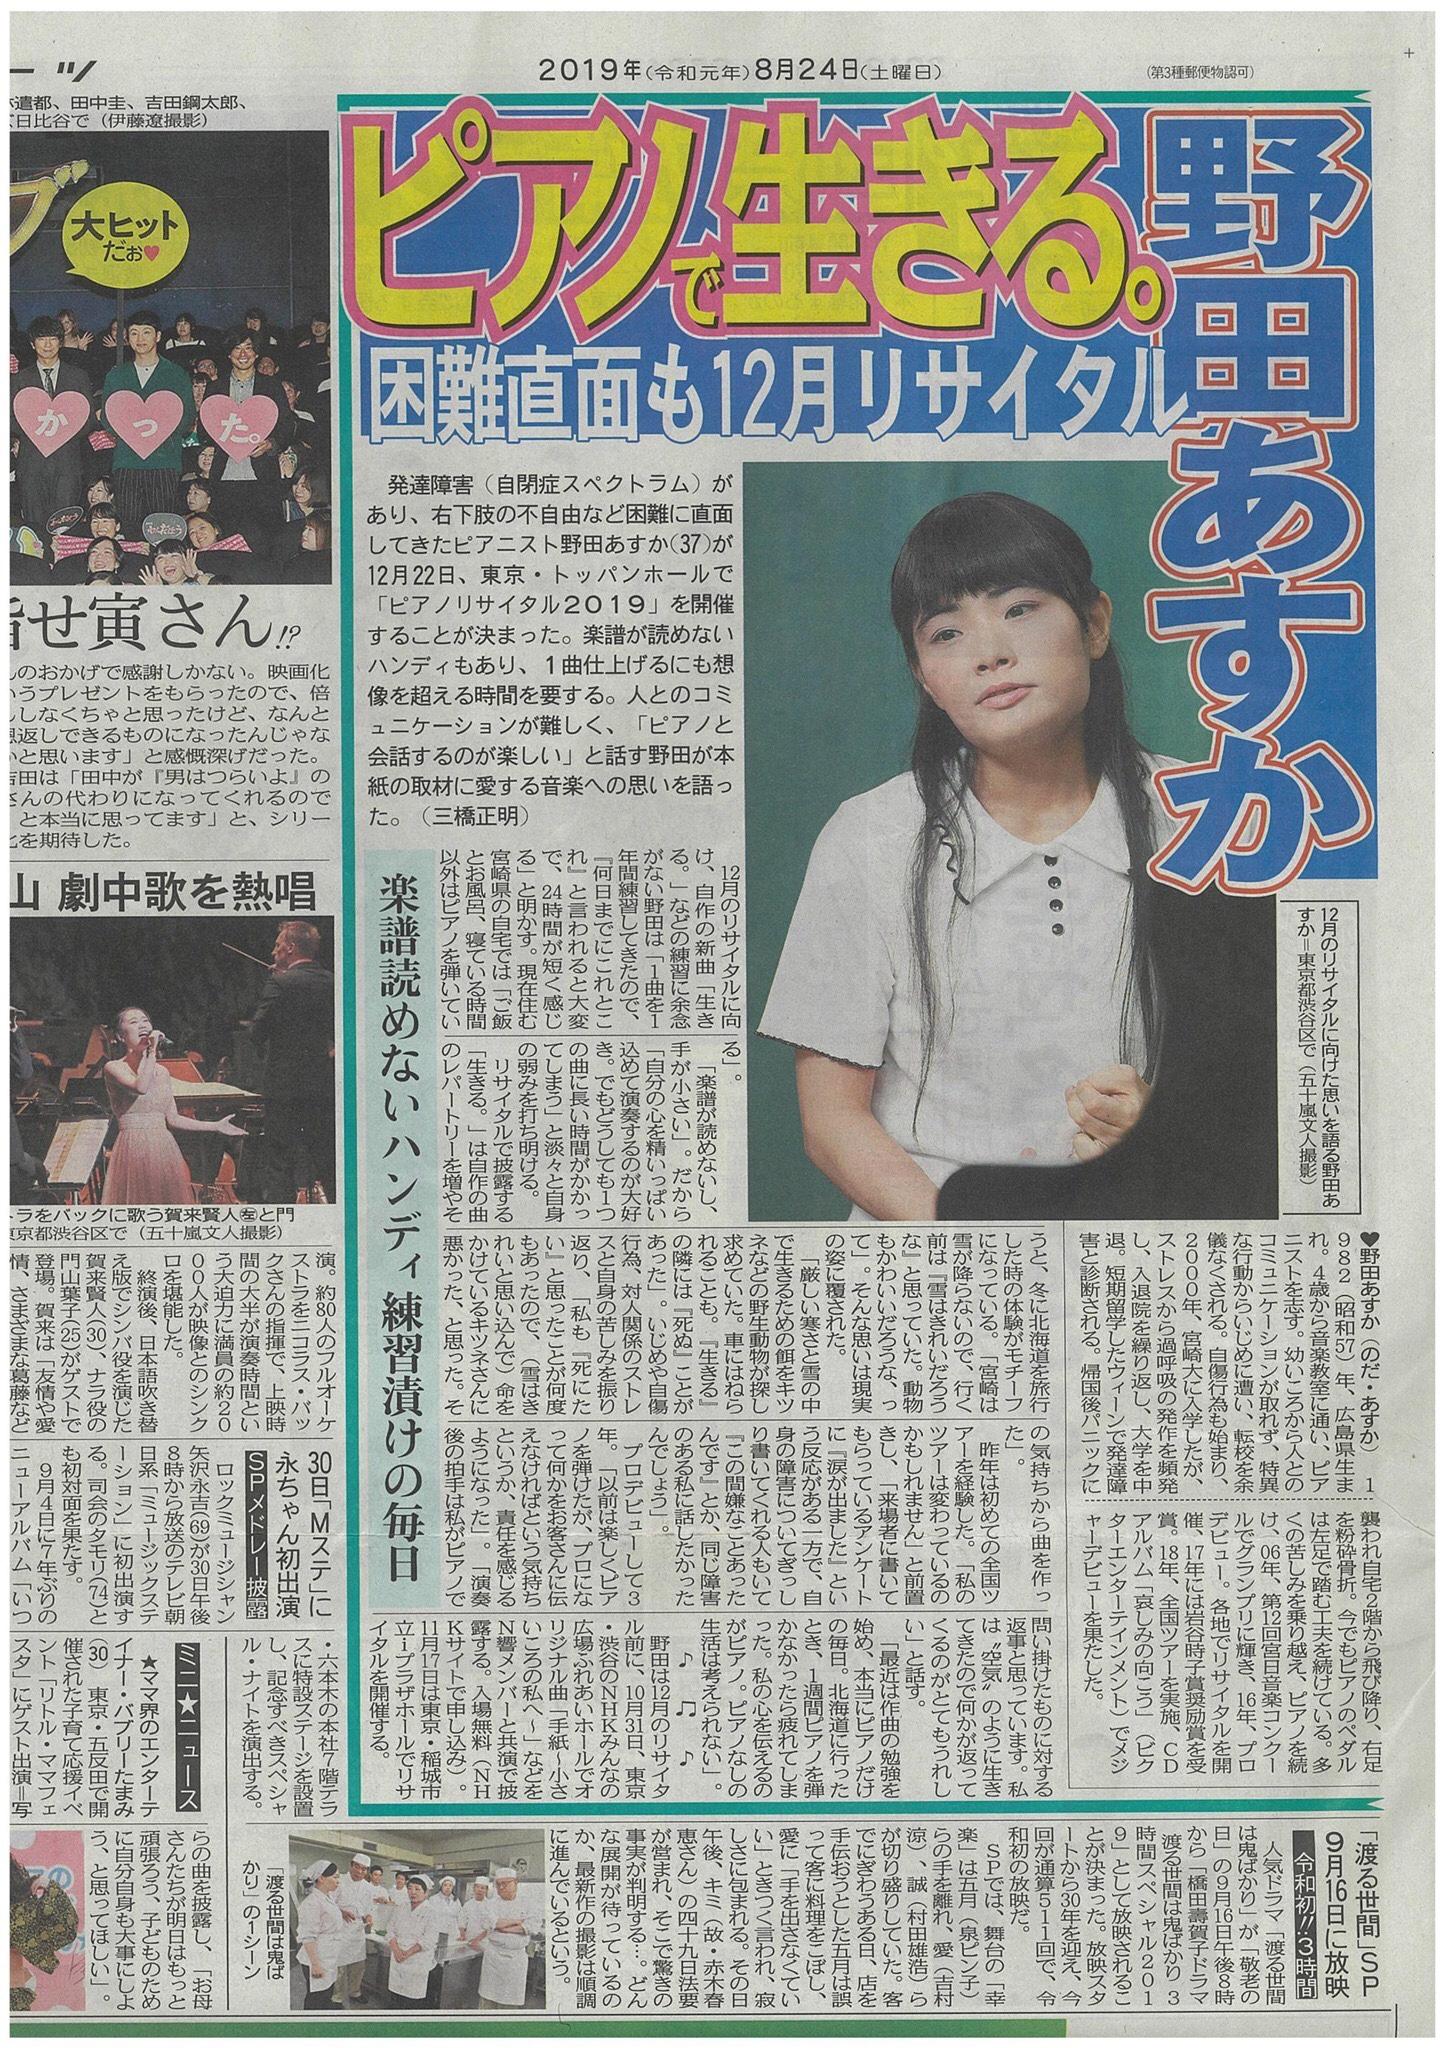 8月24日(土)東京中日スポーツ新聞に掲載されました。